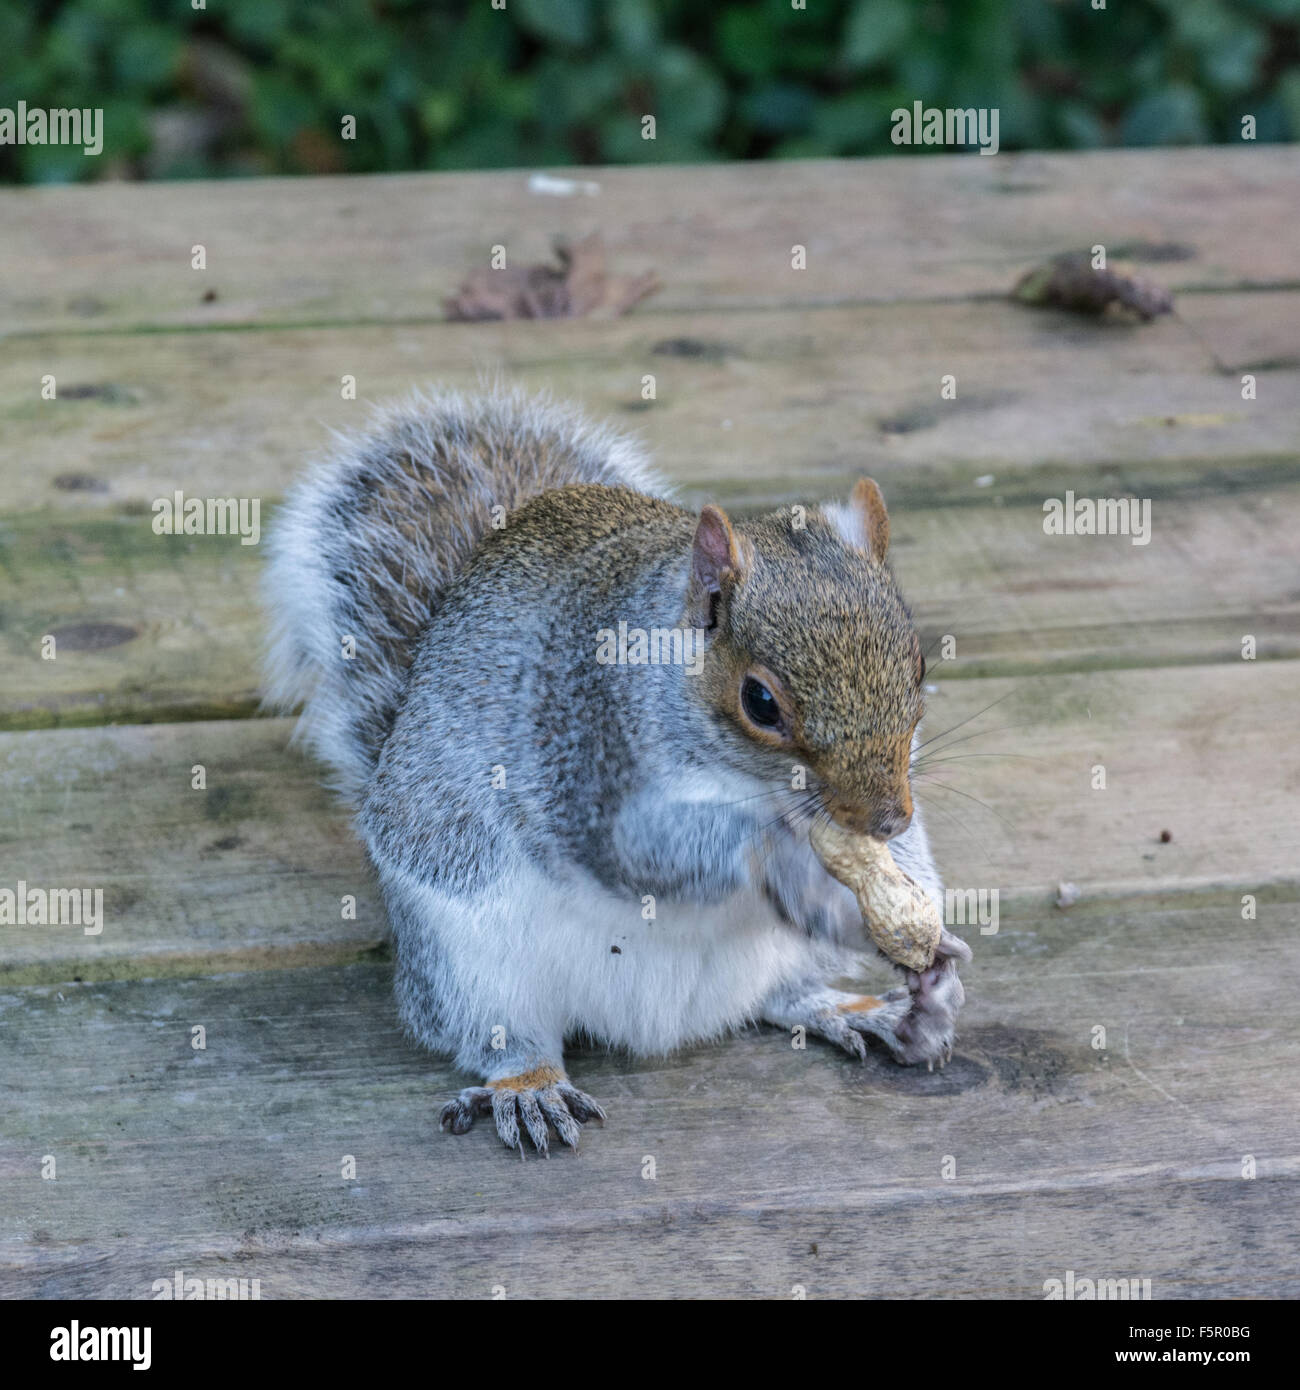 Ardilla gris comiendo una tuerca en un parque tabla Imagen De Stock